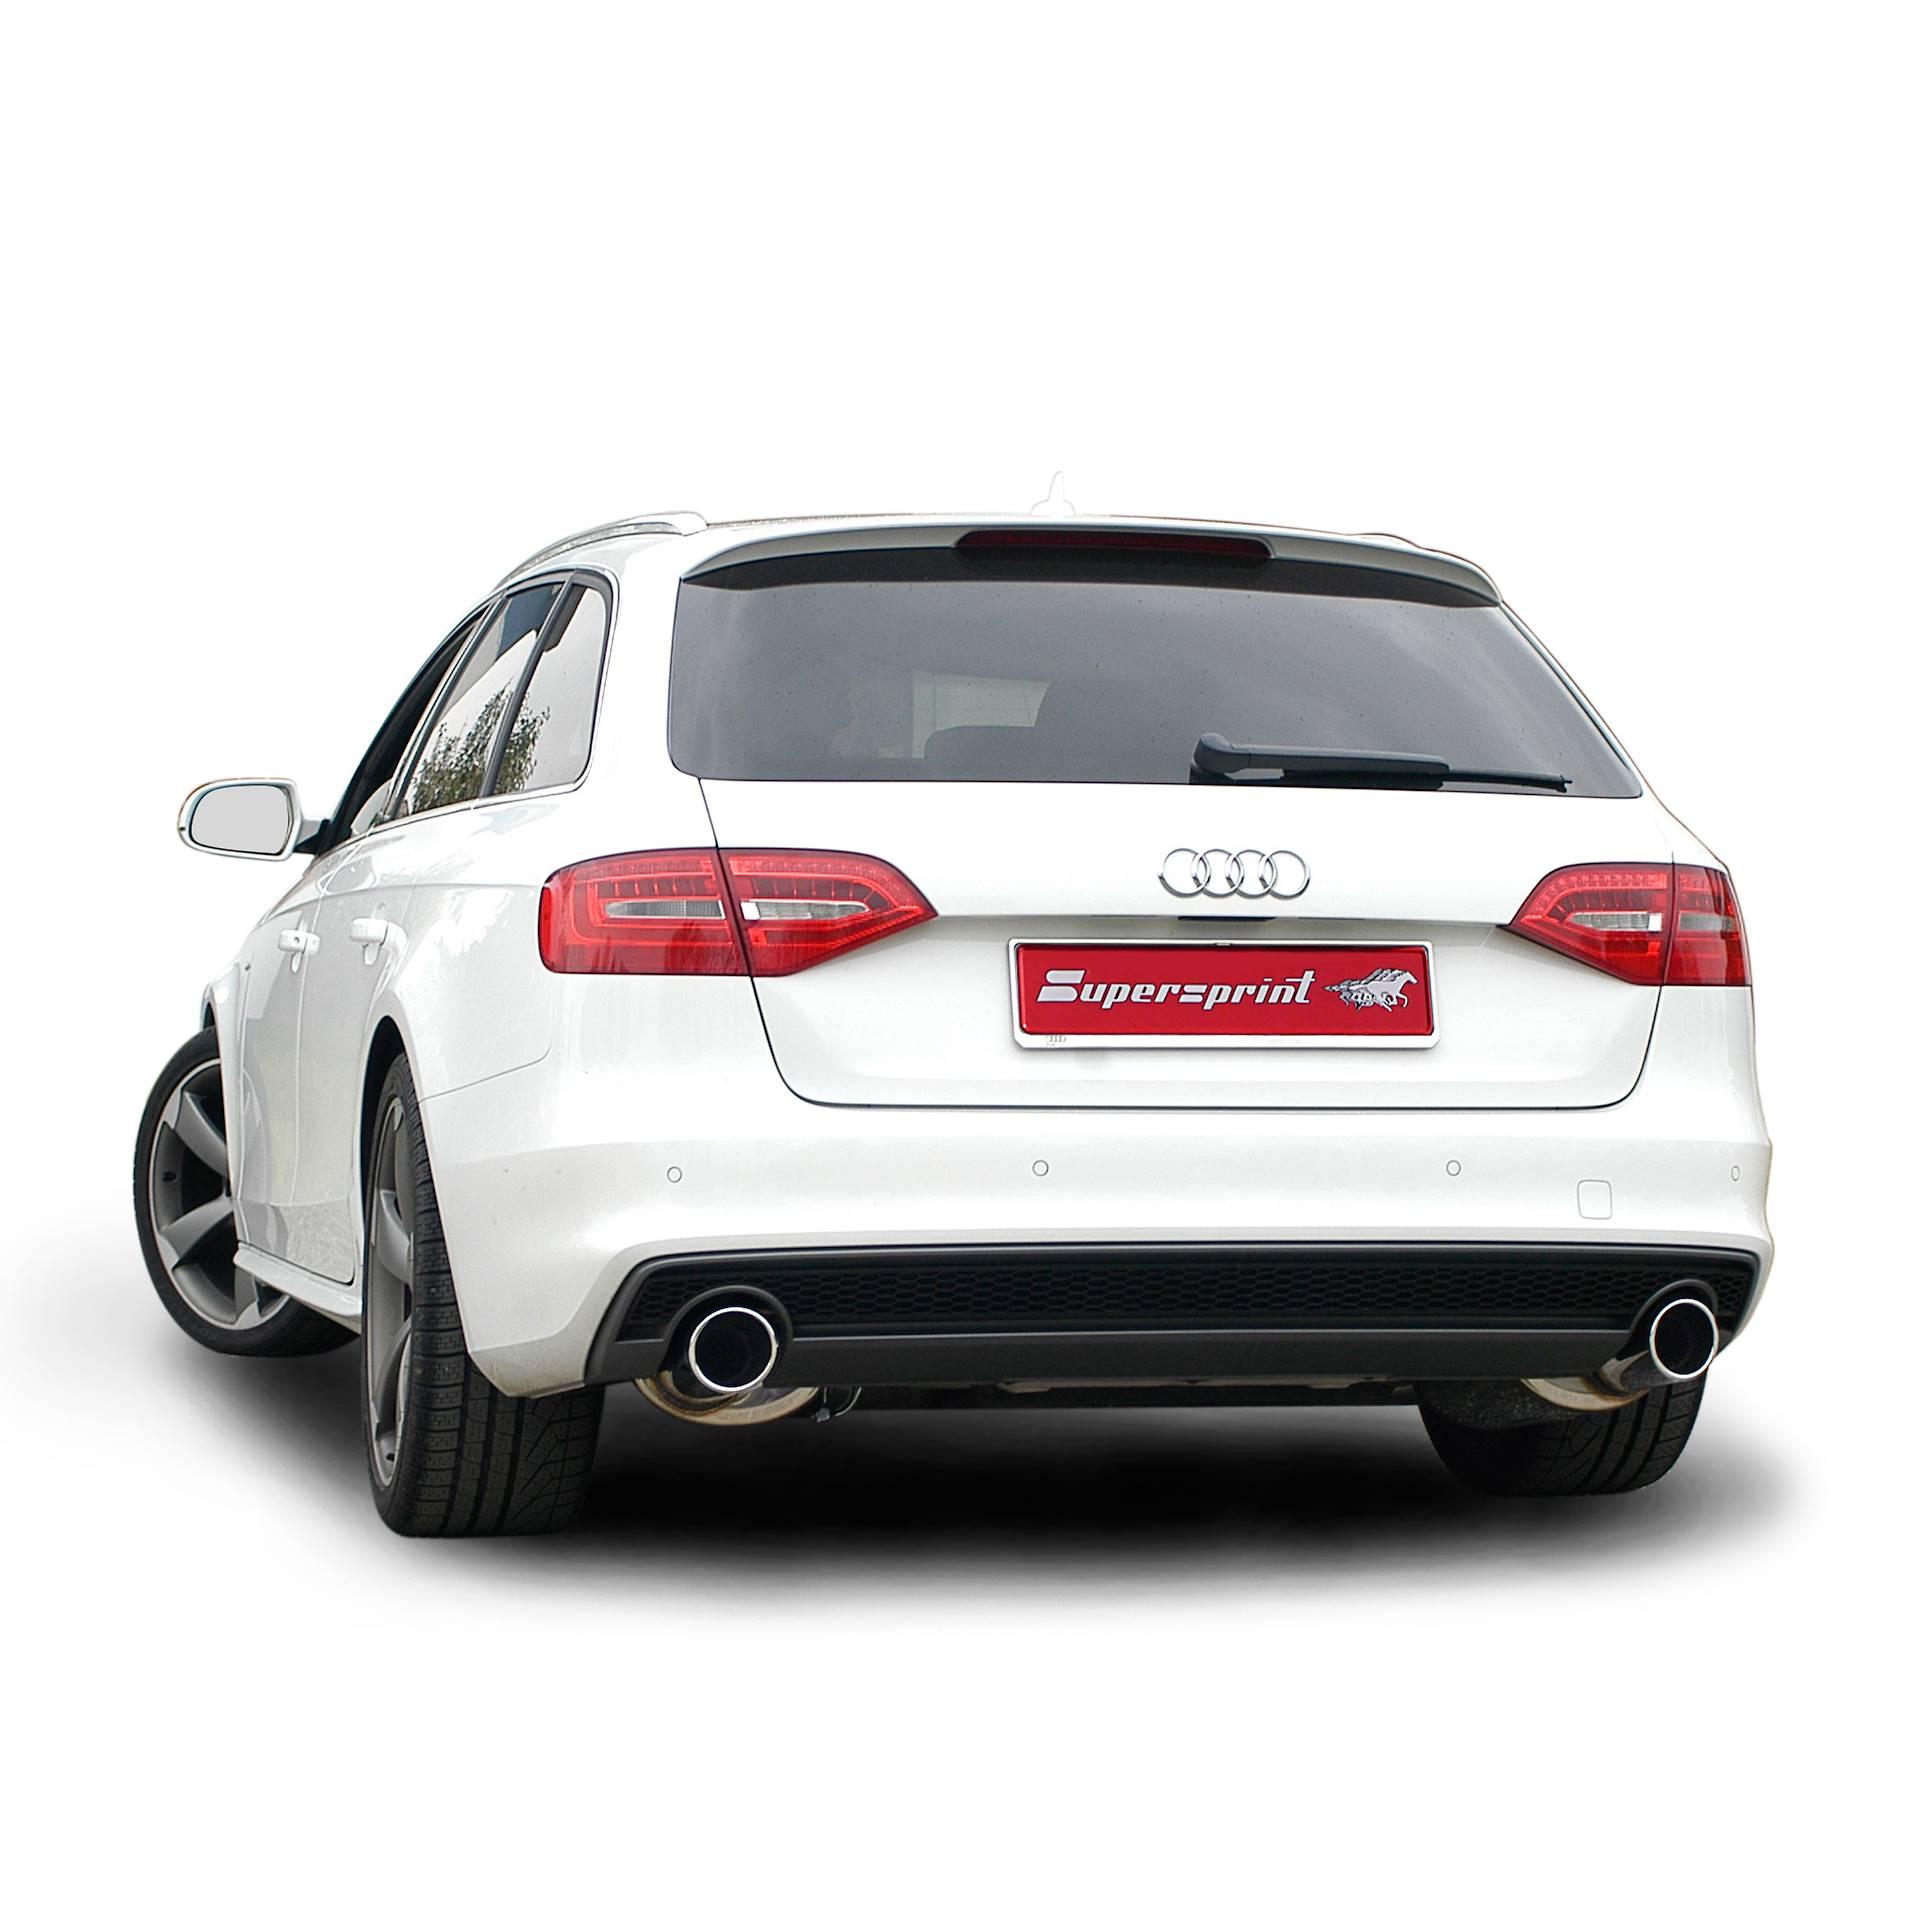 AUDI A4 B8 (Sedan + Avant) 1.8 TFSI (120-160-170 Hp) '13